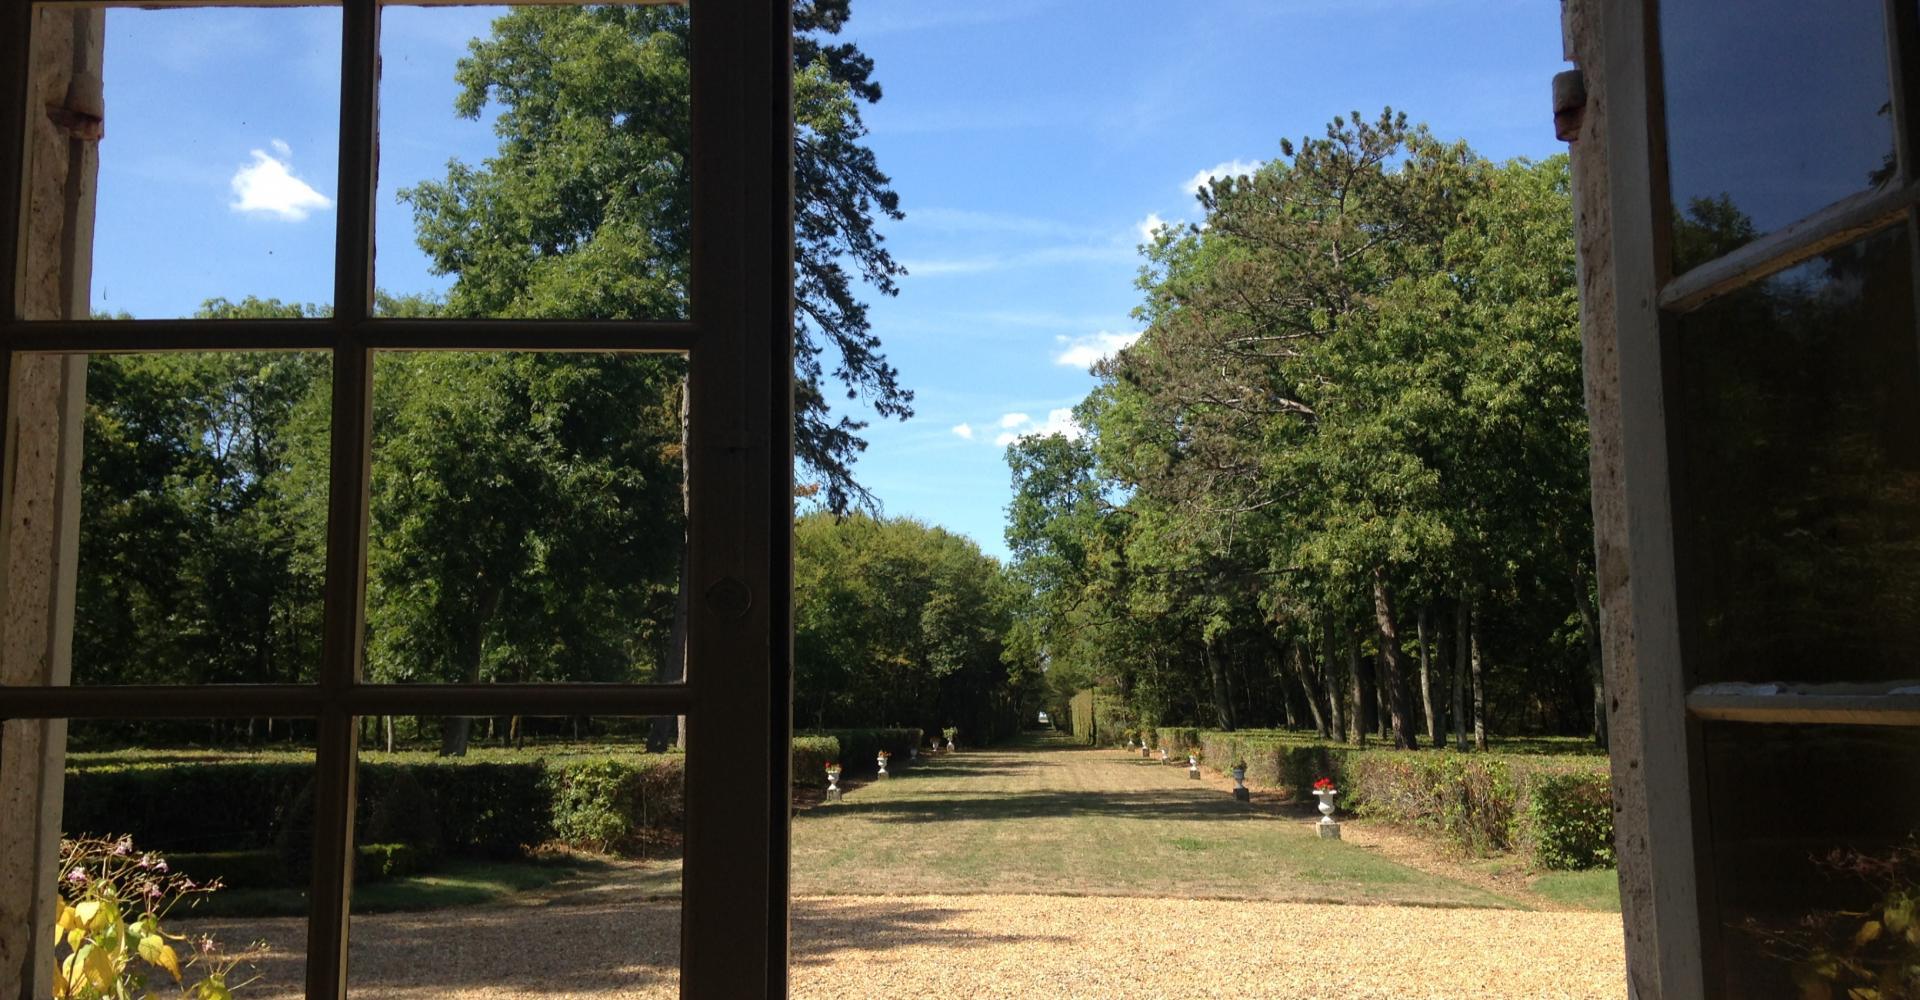 Parc du ch teau de villepr vost parcs et jardins en for Jardin neurodon 2015